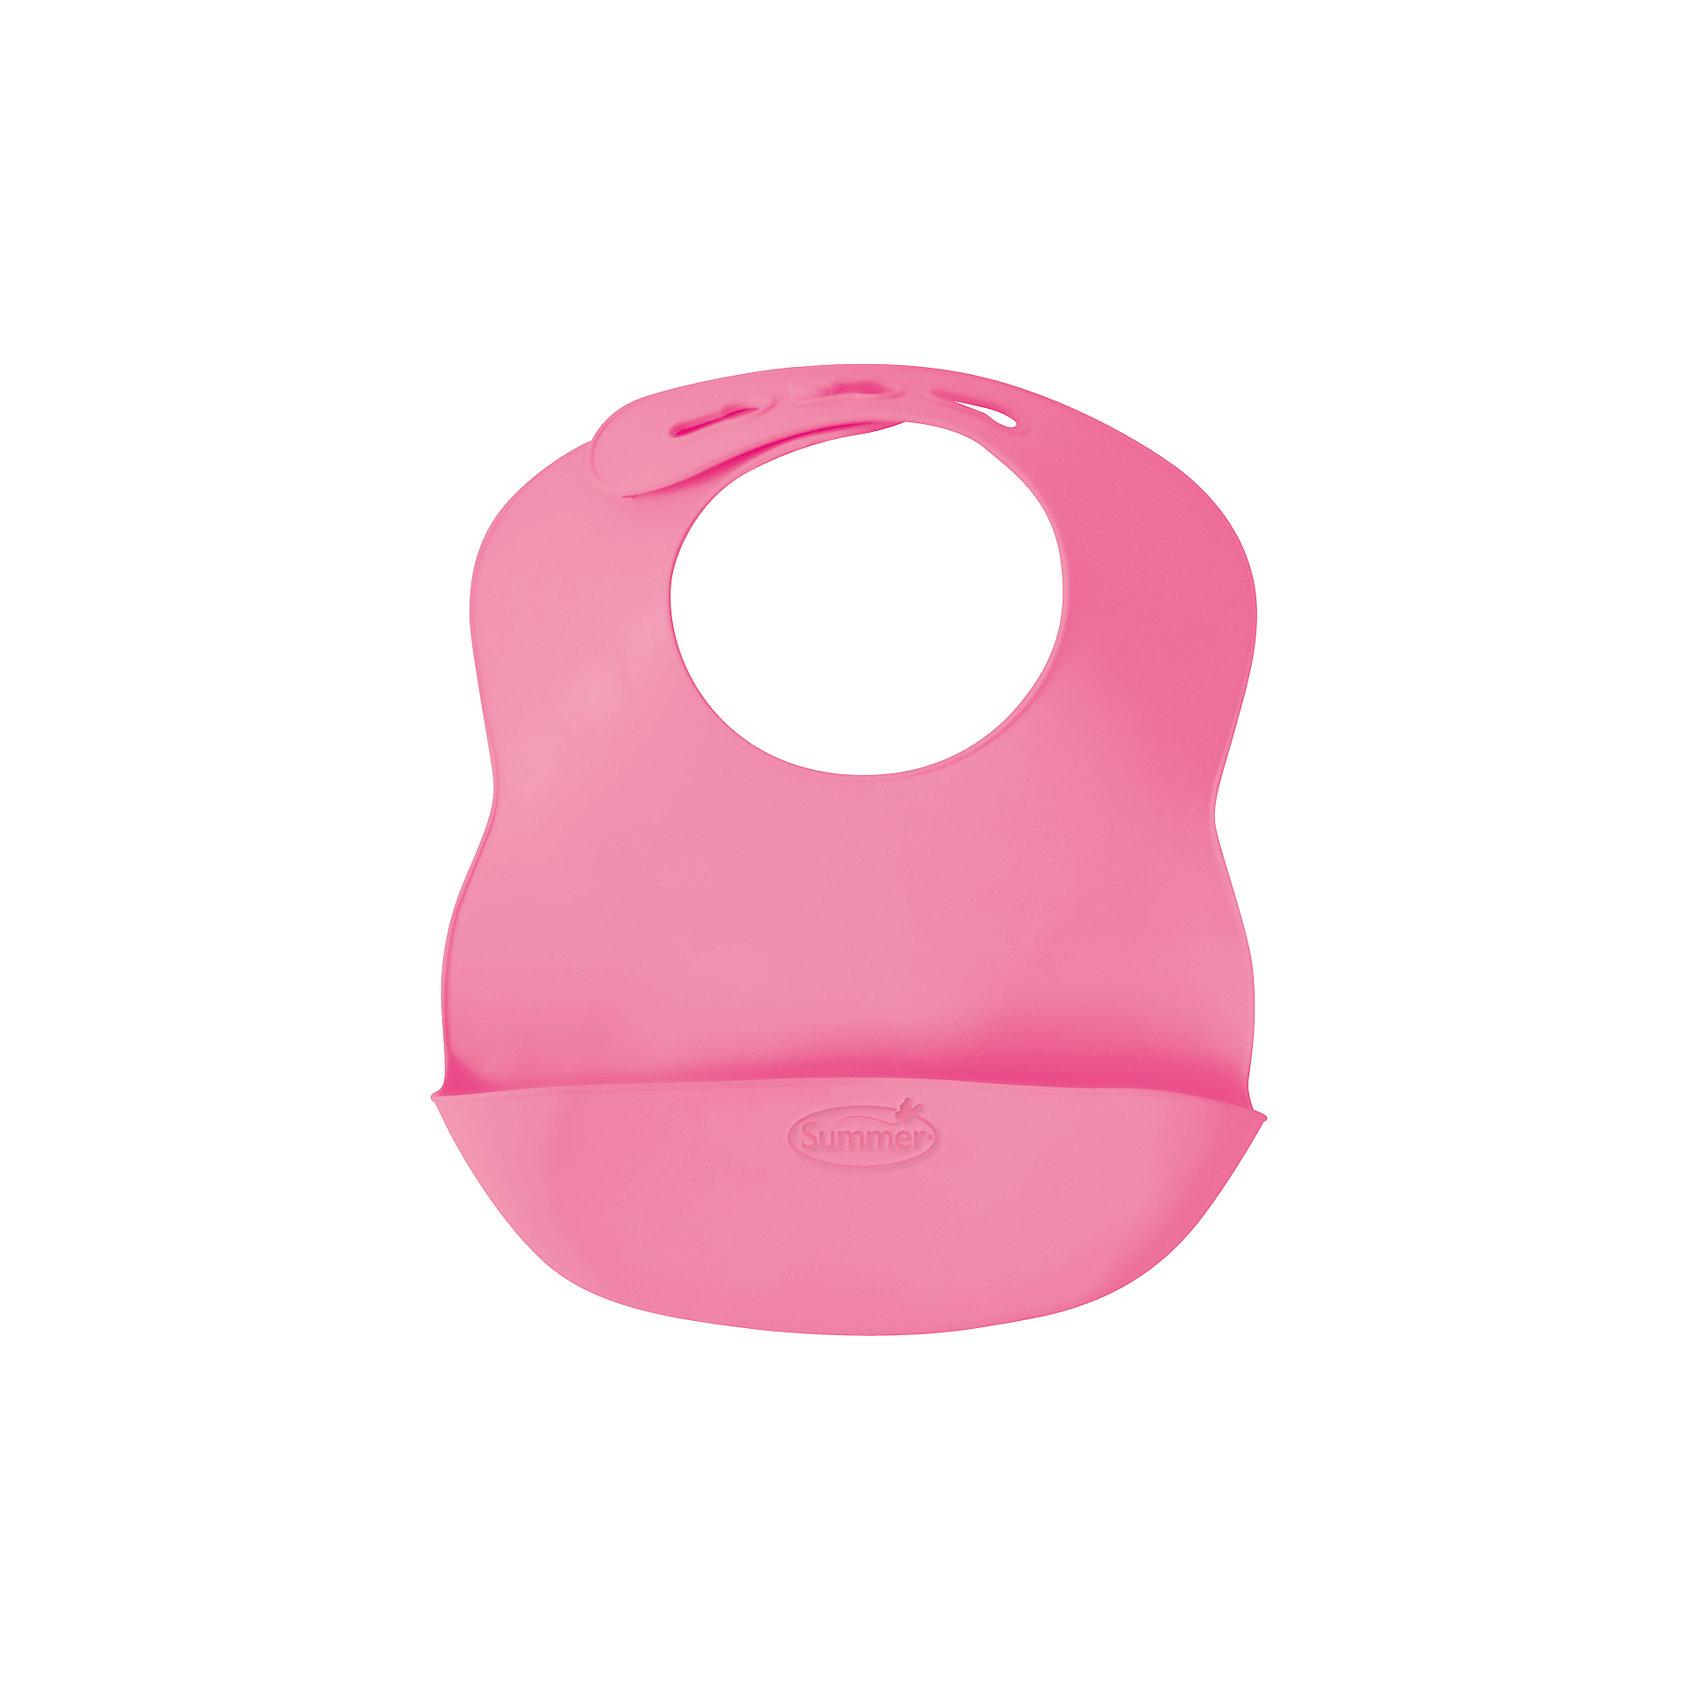 Нагрудник Bibbity, Summer Infant, розовыйНагрудники и салфетки<br>Характеристики:<br><br>• регулируемый размер воротничка нагрудника;<br>• кармашек для крошек;<br>• мягкие изгибы нагрудника;<br>• не содержит бисфинол А;<br>• материал: гибкий пластик;<br>• размер нагрудника: 27,5х23х5 см;<br>• вес: 120 г.<br><br>Пластиковый нагрудник пригодится малышам старше 6 месяцев. Специальный кармашек создан специально для собирания крошек, которые сыплются в процессе приема пищи ребенком. Нагрудник имеет регулируемый ремешок, чтобы подобрать оптимальный размер окружности воротничка нагрудники на шейке ребенка. Легко моется и освобождается от остатков пищи. <br><br>Нагрудник Bibbity, Summer Infant, голубой можно купить в нашем интернет-магазине.<br><br>Ширина мм: 230<br>Глубина мм: 275<br>Высота мм: 50<br>Вес г: 120<br>Возраст от месяцев: 6<br>Возраст до месяцев: 36<br>Пол: Женский<br>Возраст: Детский<br>SKU: 5508010